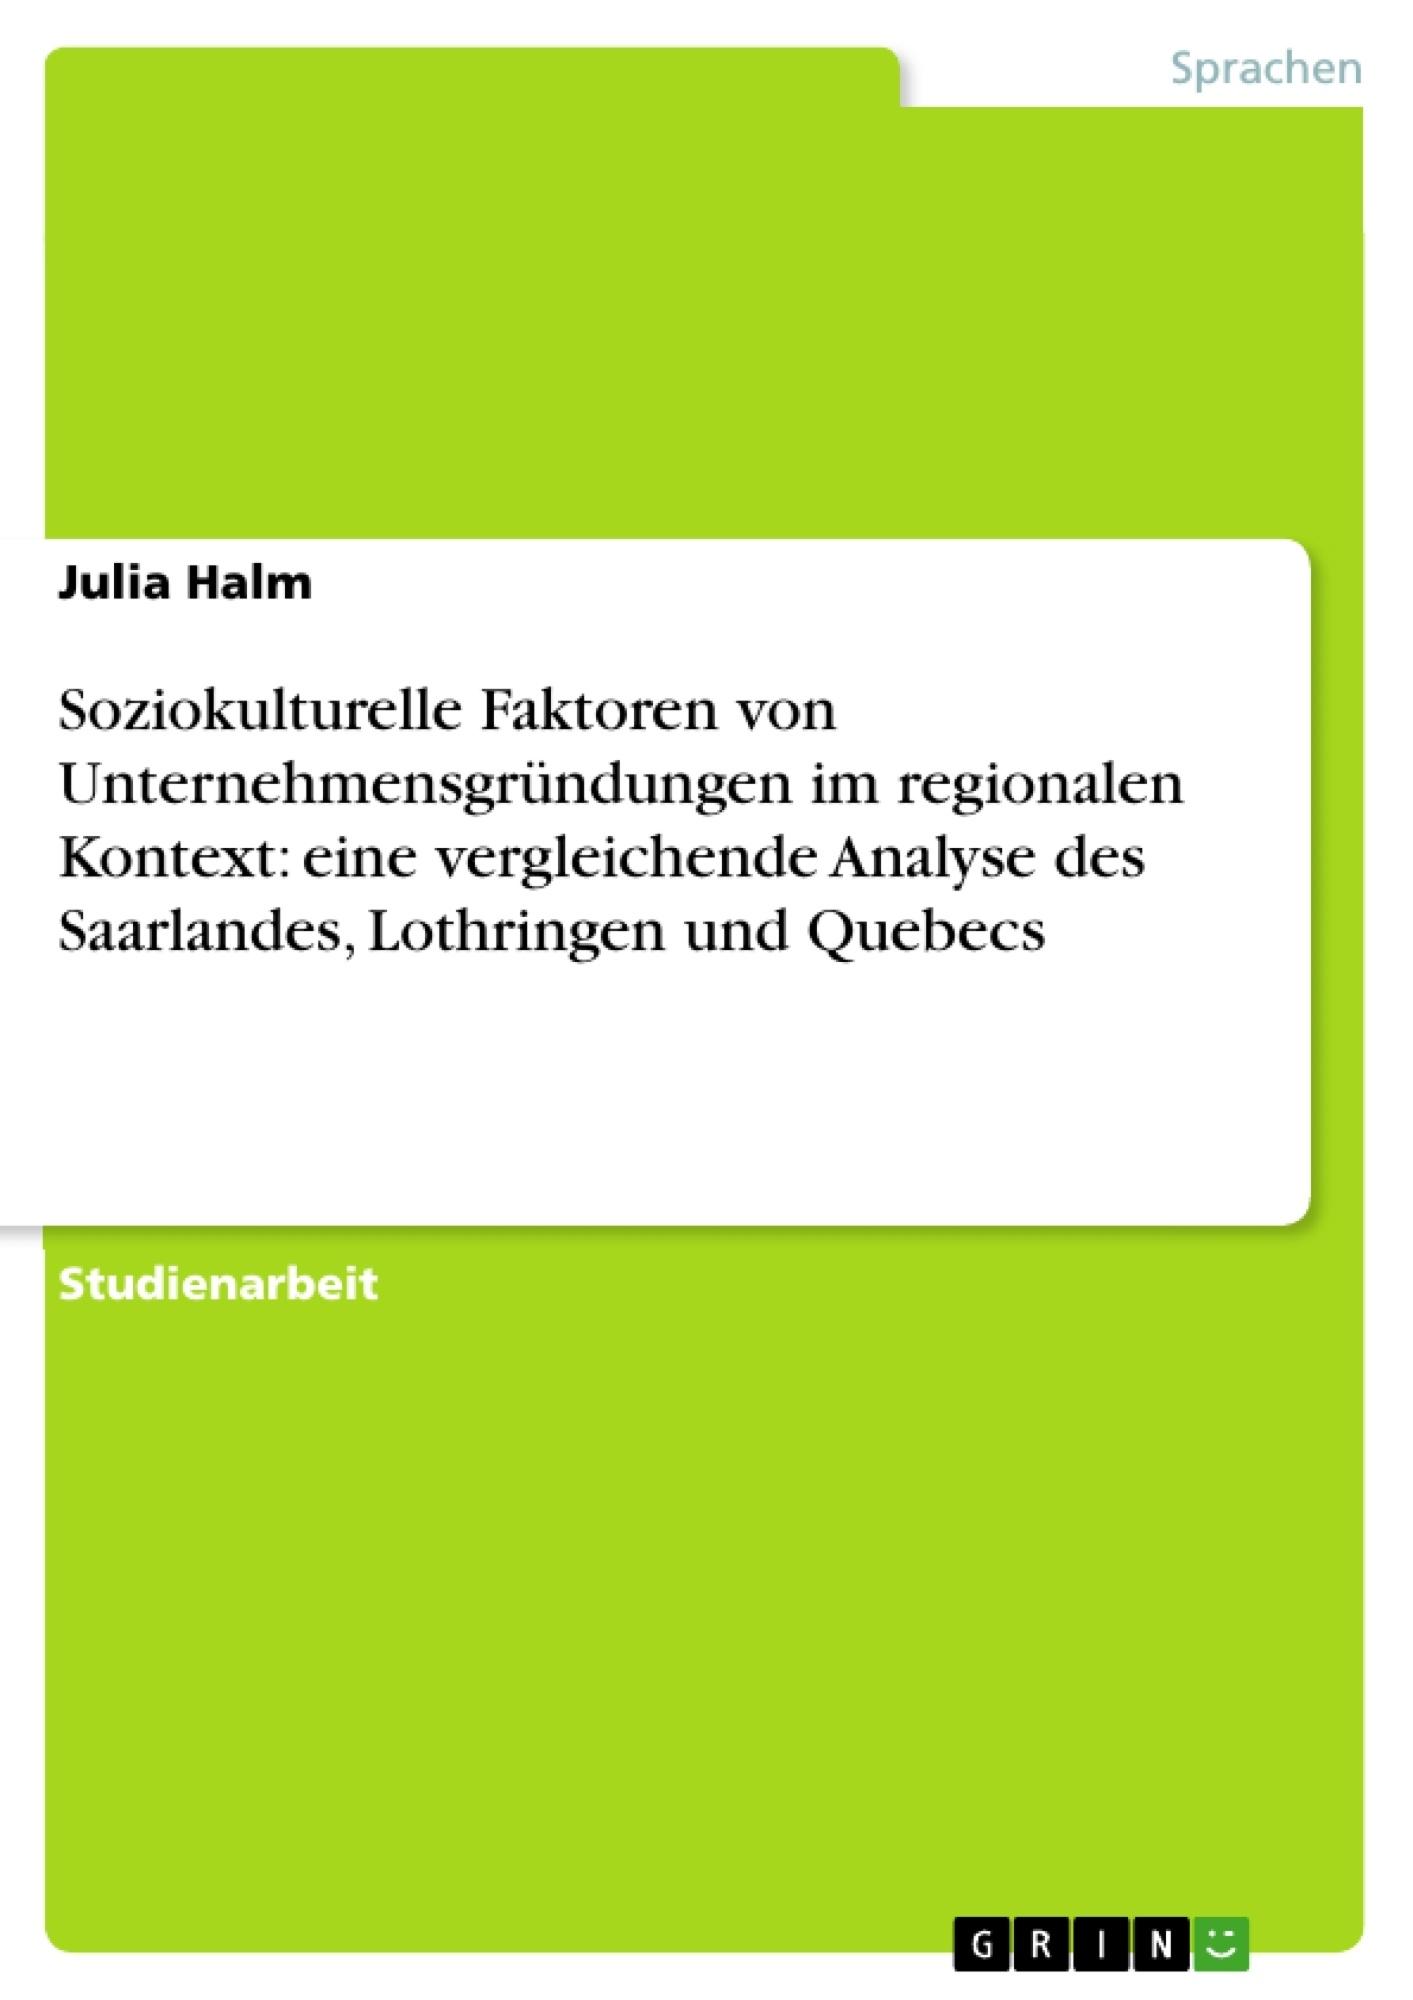 Titel: Soziokulturelle Faktoren von Unternehmensgründungen im regionalen Kontext: eine vergleichende Analyse des Saarlandes, Lothringen und Quebecs